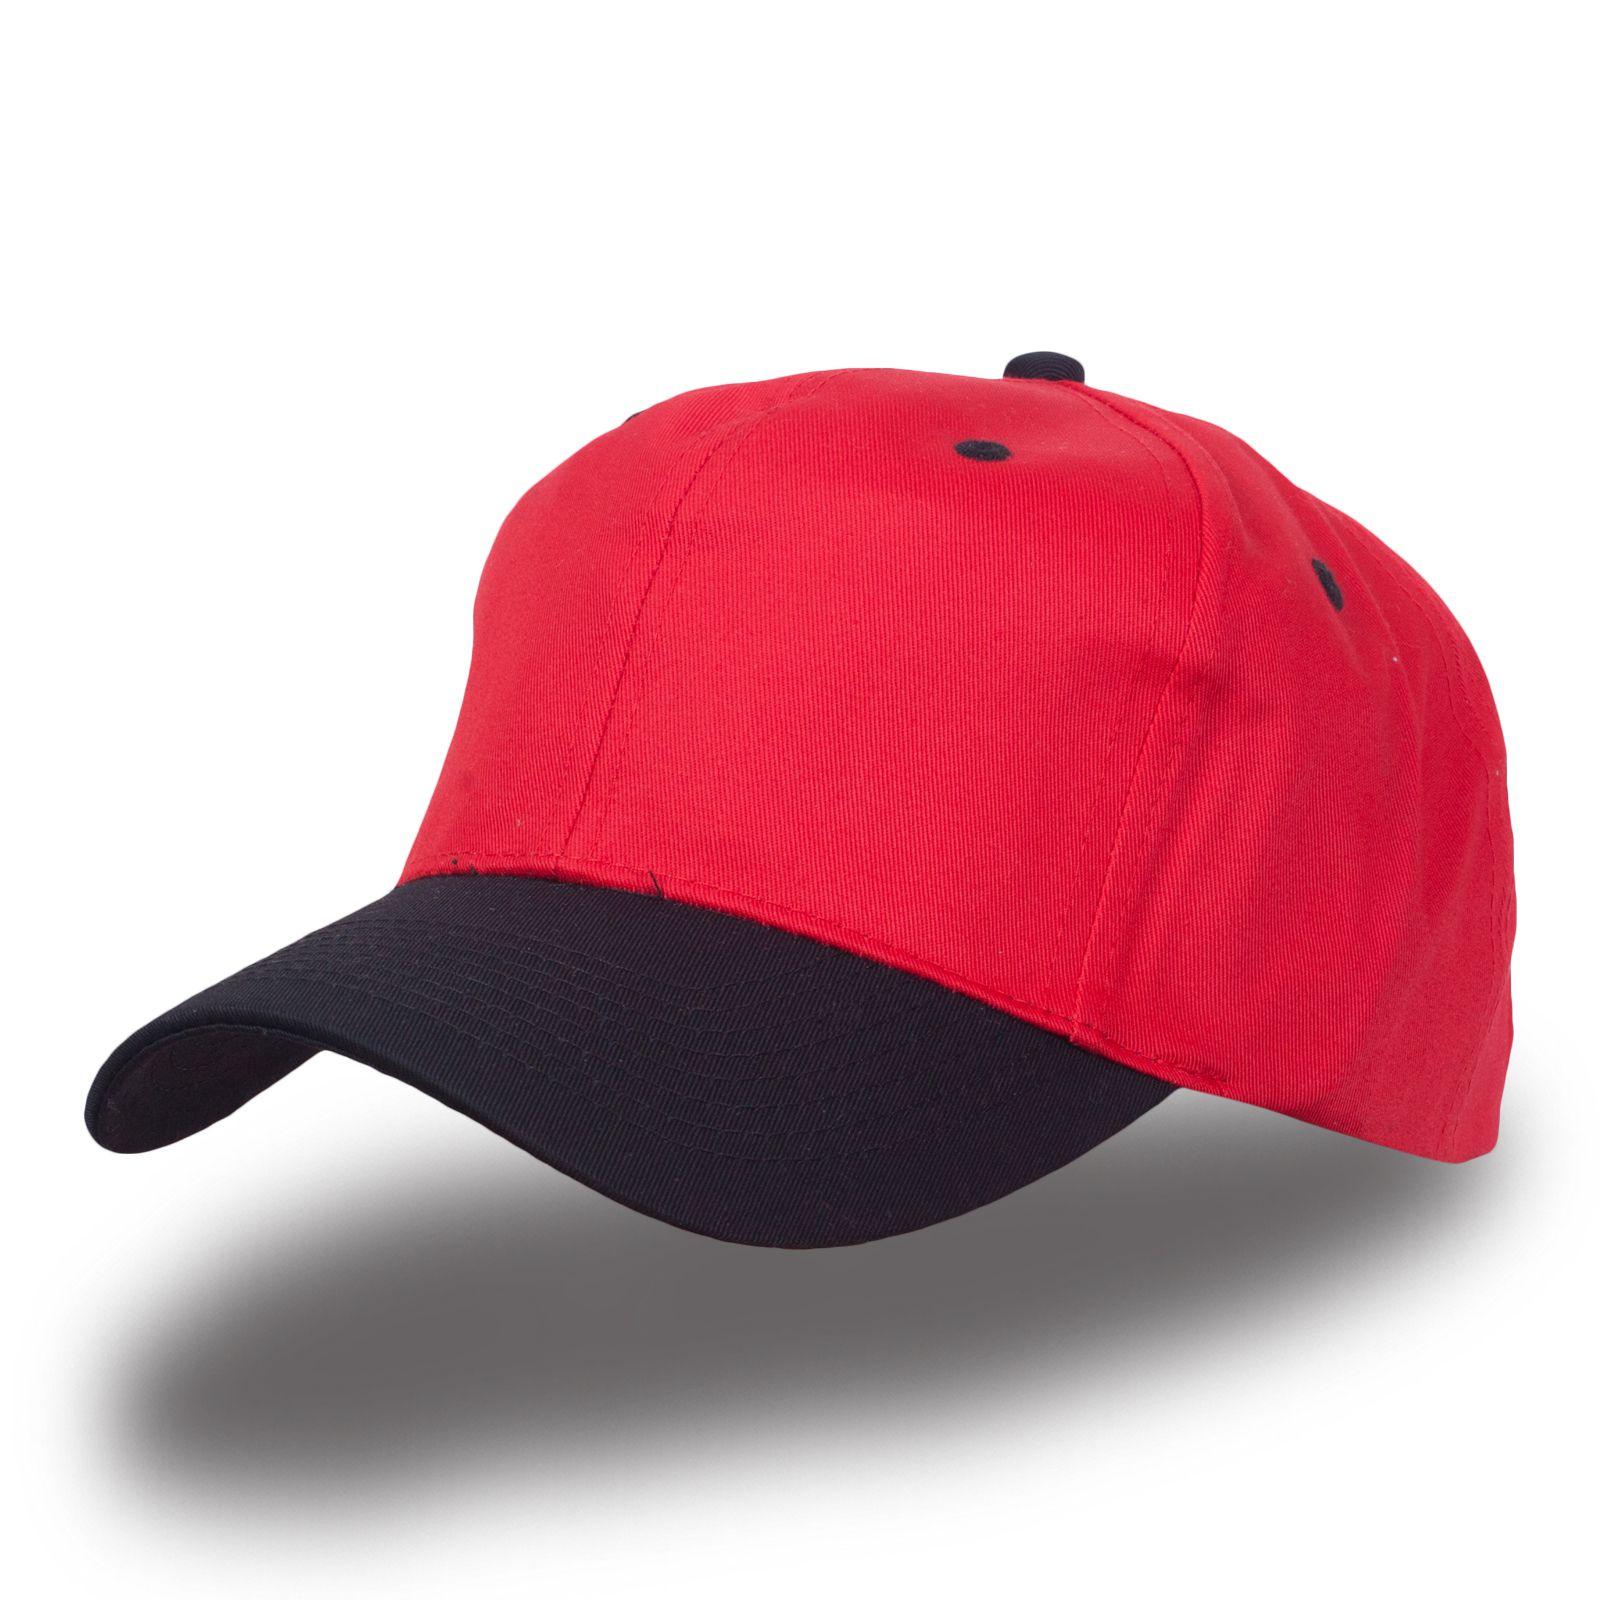 Классная кепка для летнего отдыха